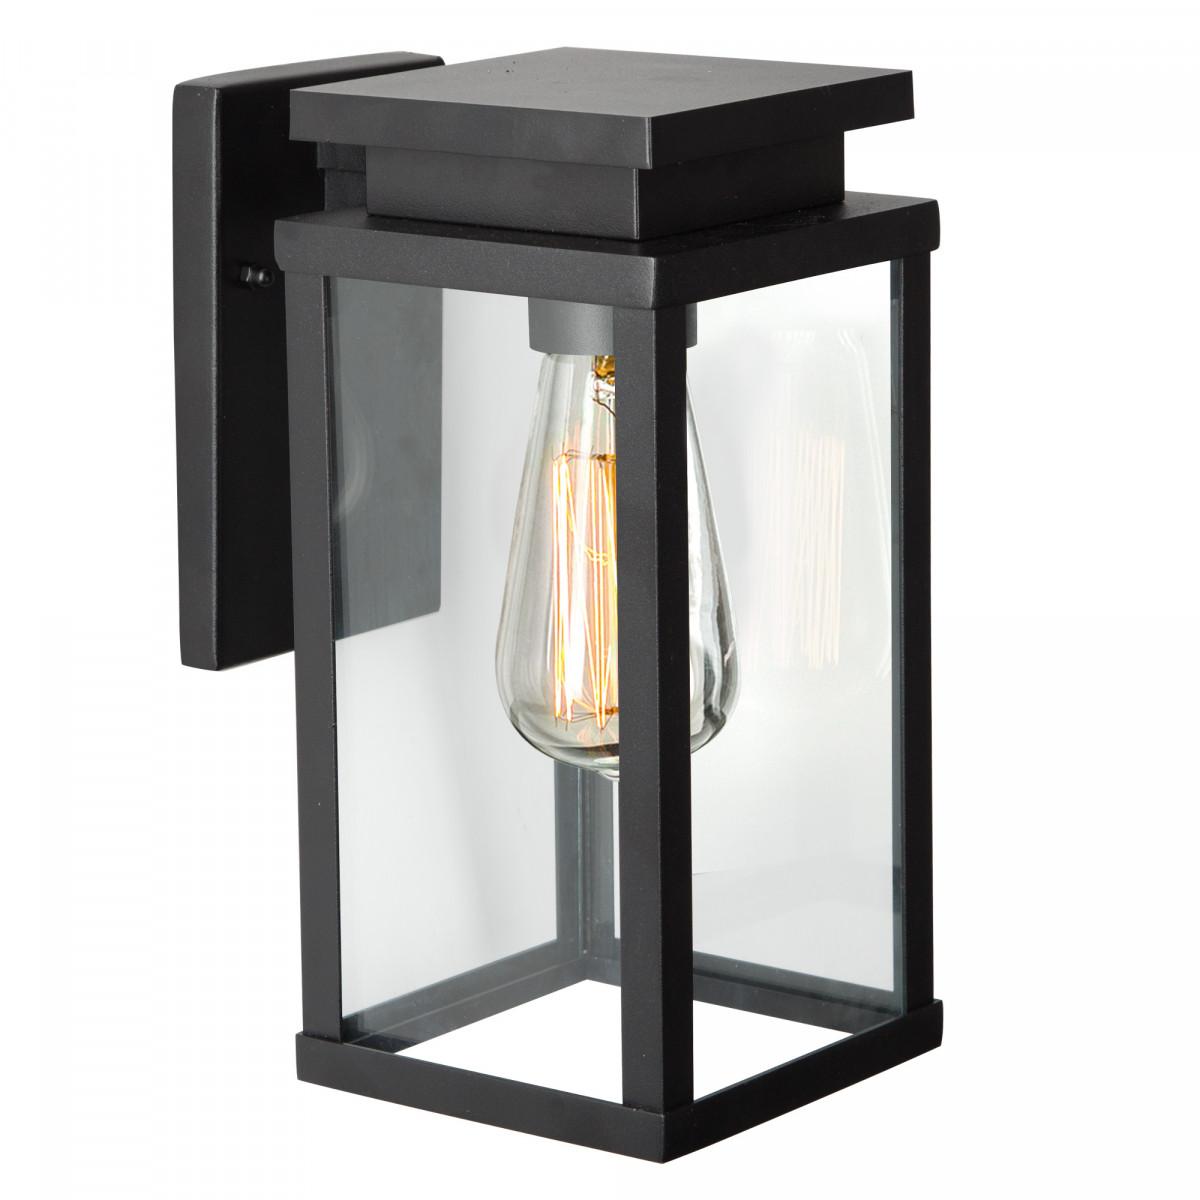 Buitenlamp zwart Jersey Large 7354 strak moderne wandlamp voor buiten, gevellamp KS Verlichting